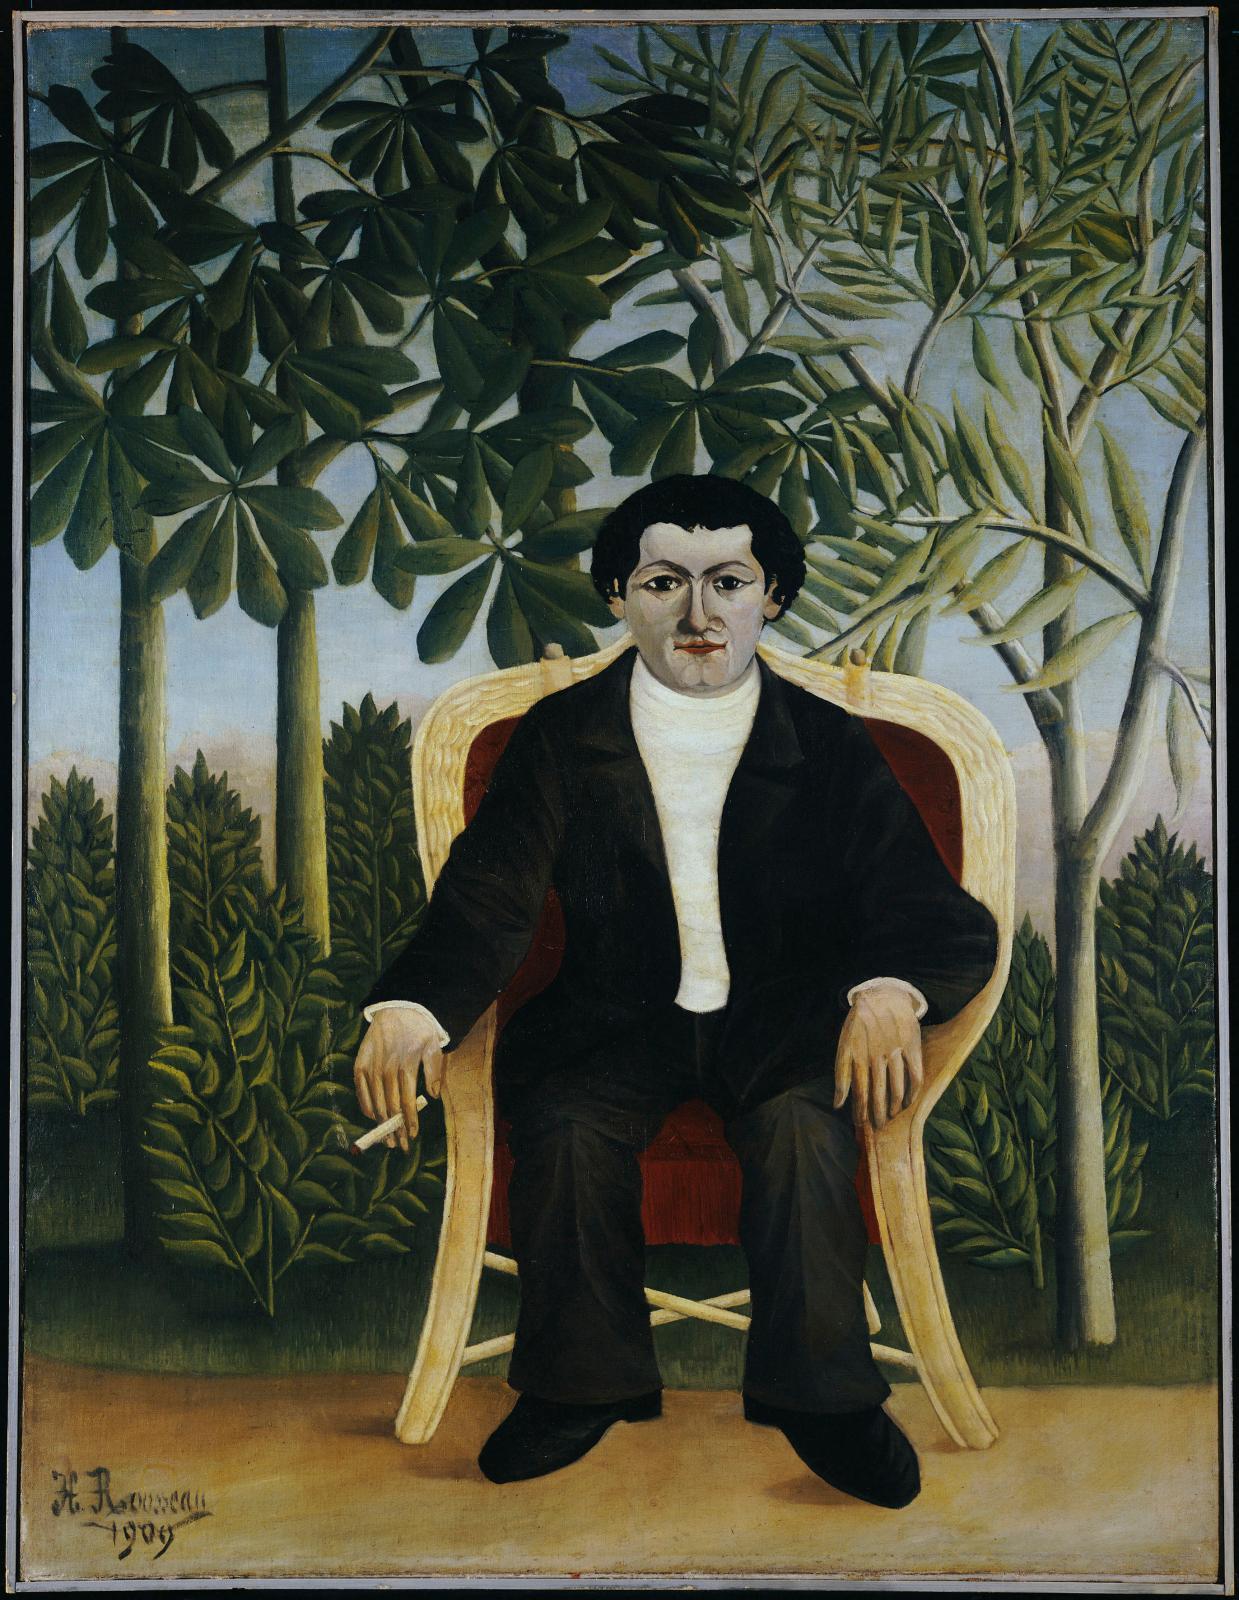 Un Portrait de Joseph Brummer par le Douanier Rousseau, 1909, (Londres, The National Gallery).